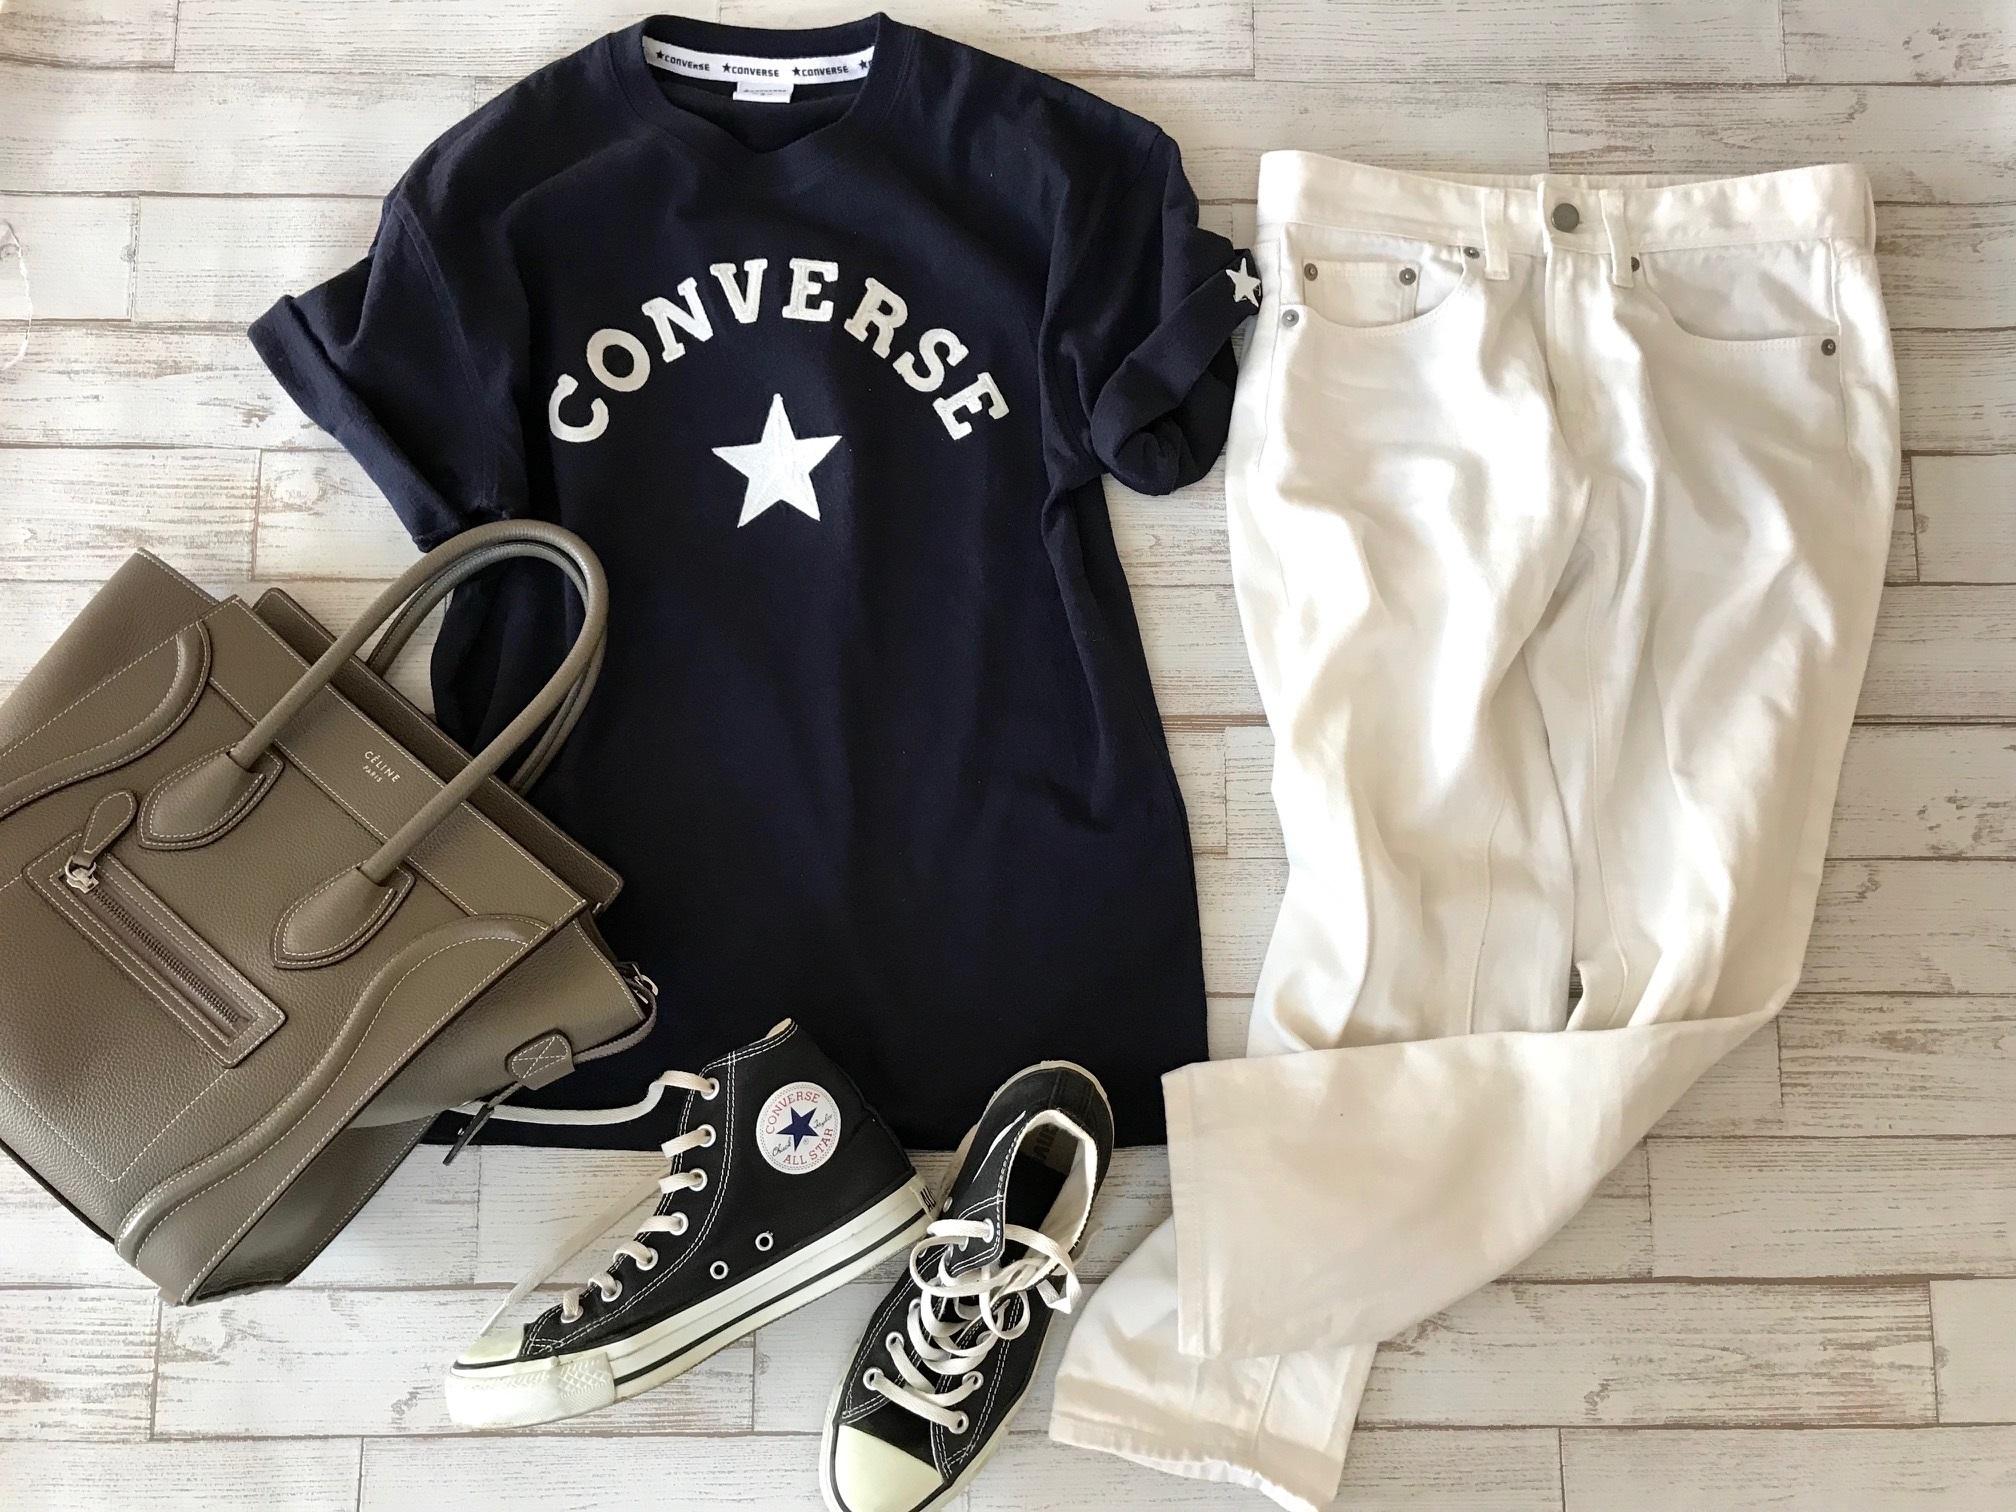 黒コンバースのハイカットスニーカー×Tシャツ&白パンツのファッションコーデ